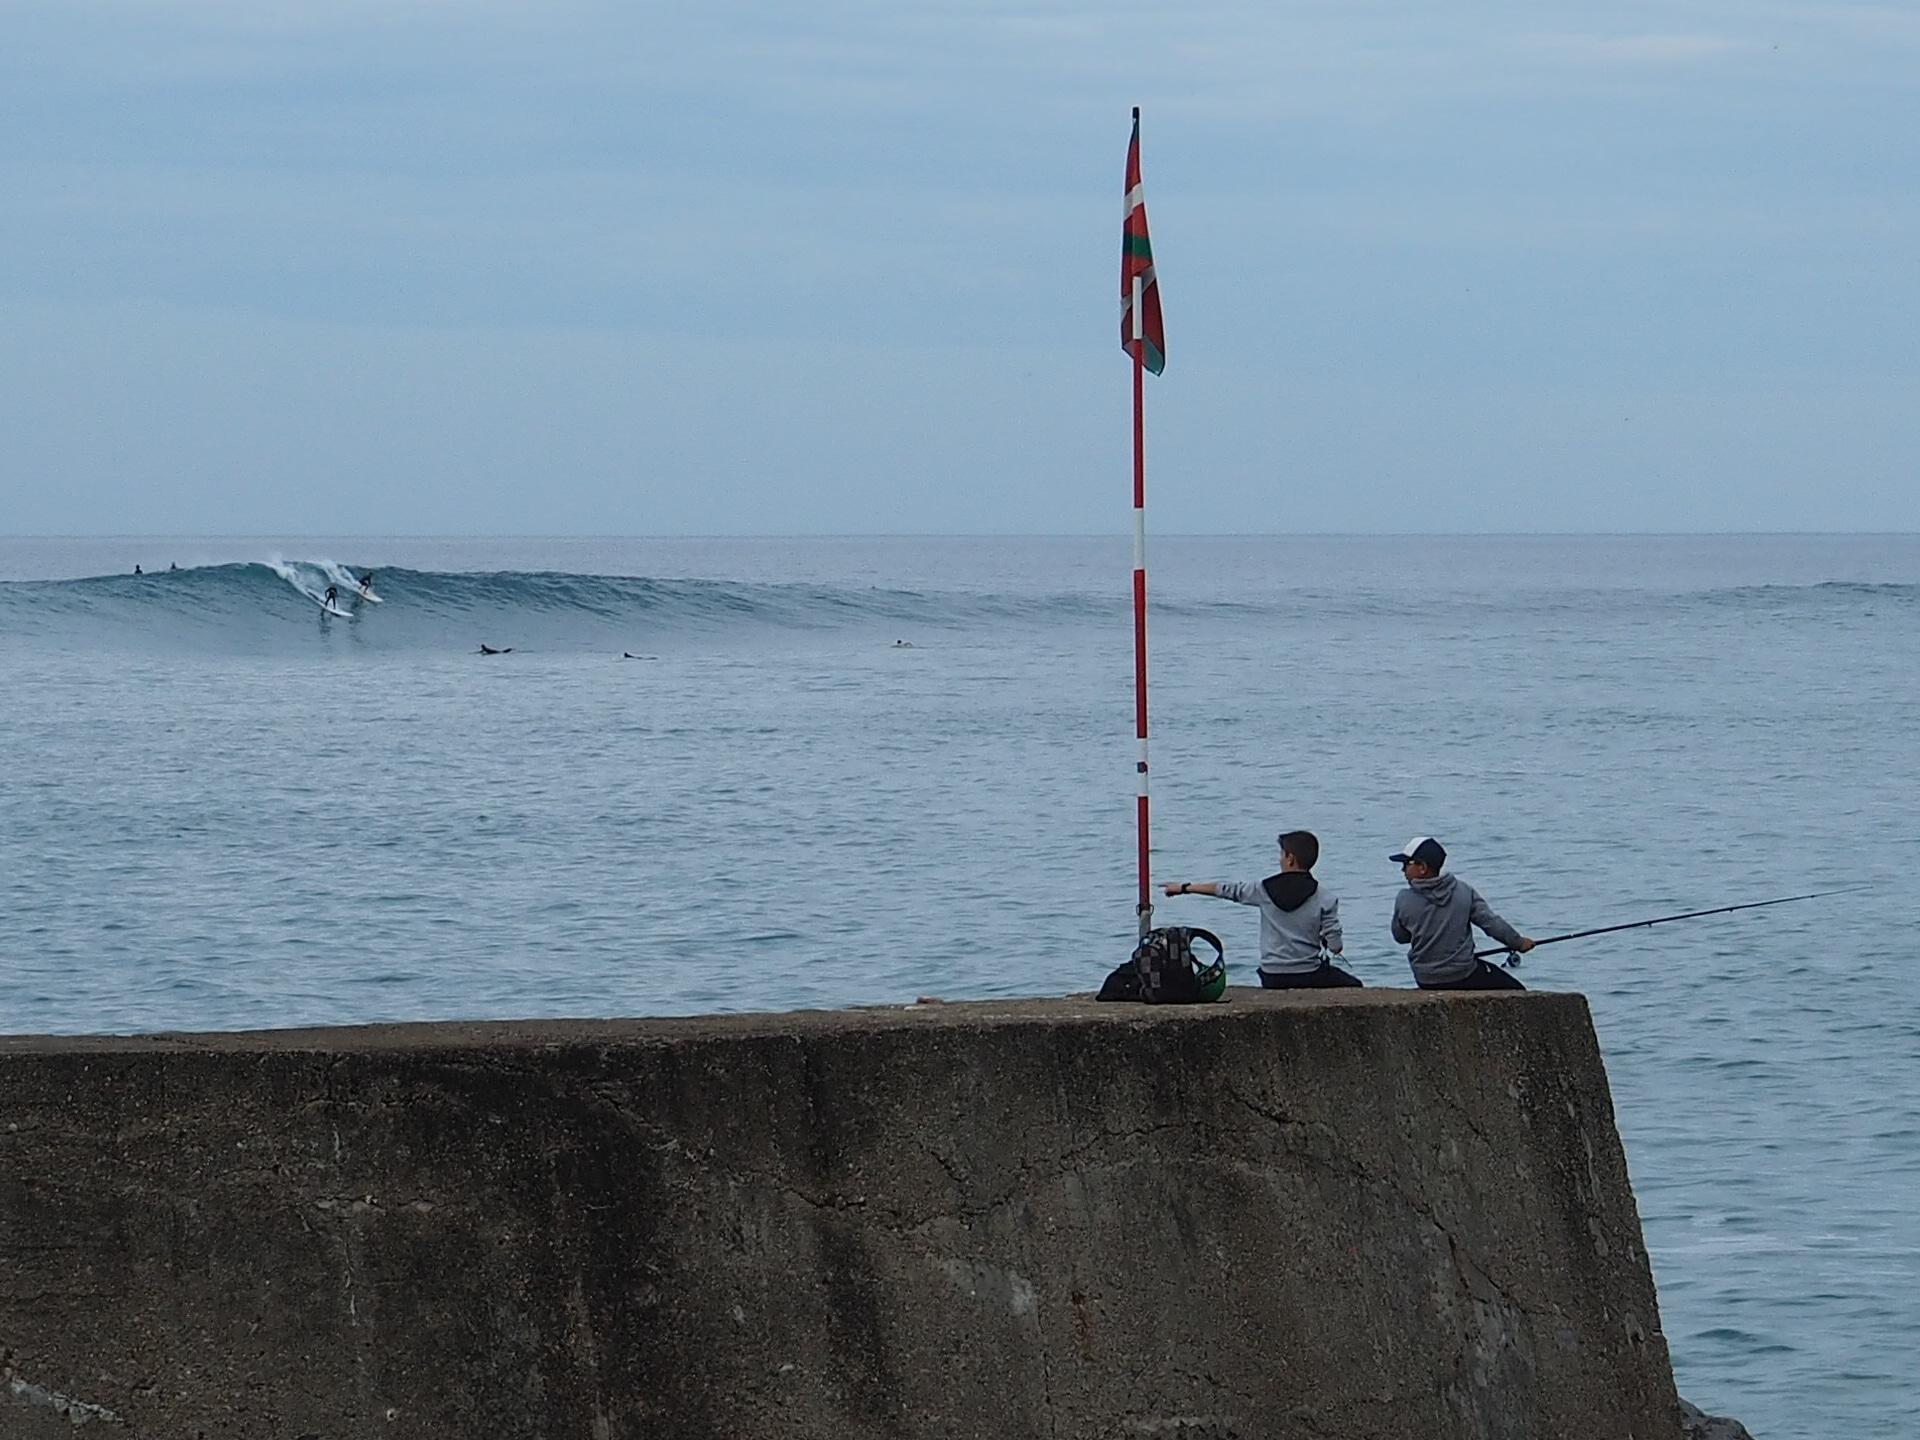 Pêcheurs à la ligne devant le spot de surf de Parlementia à Guéthary